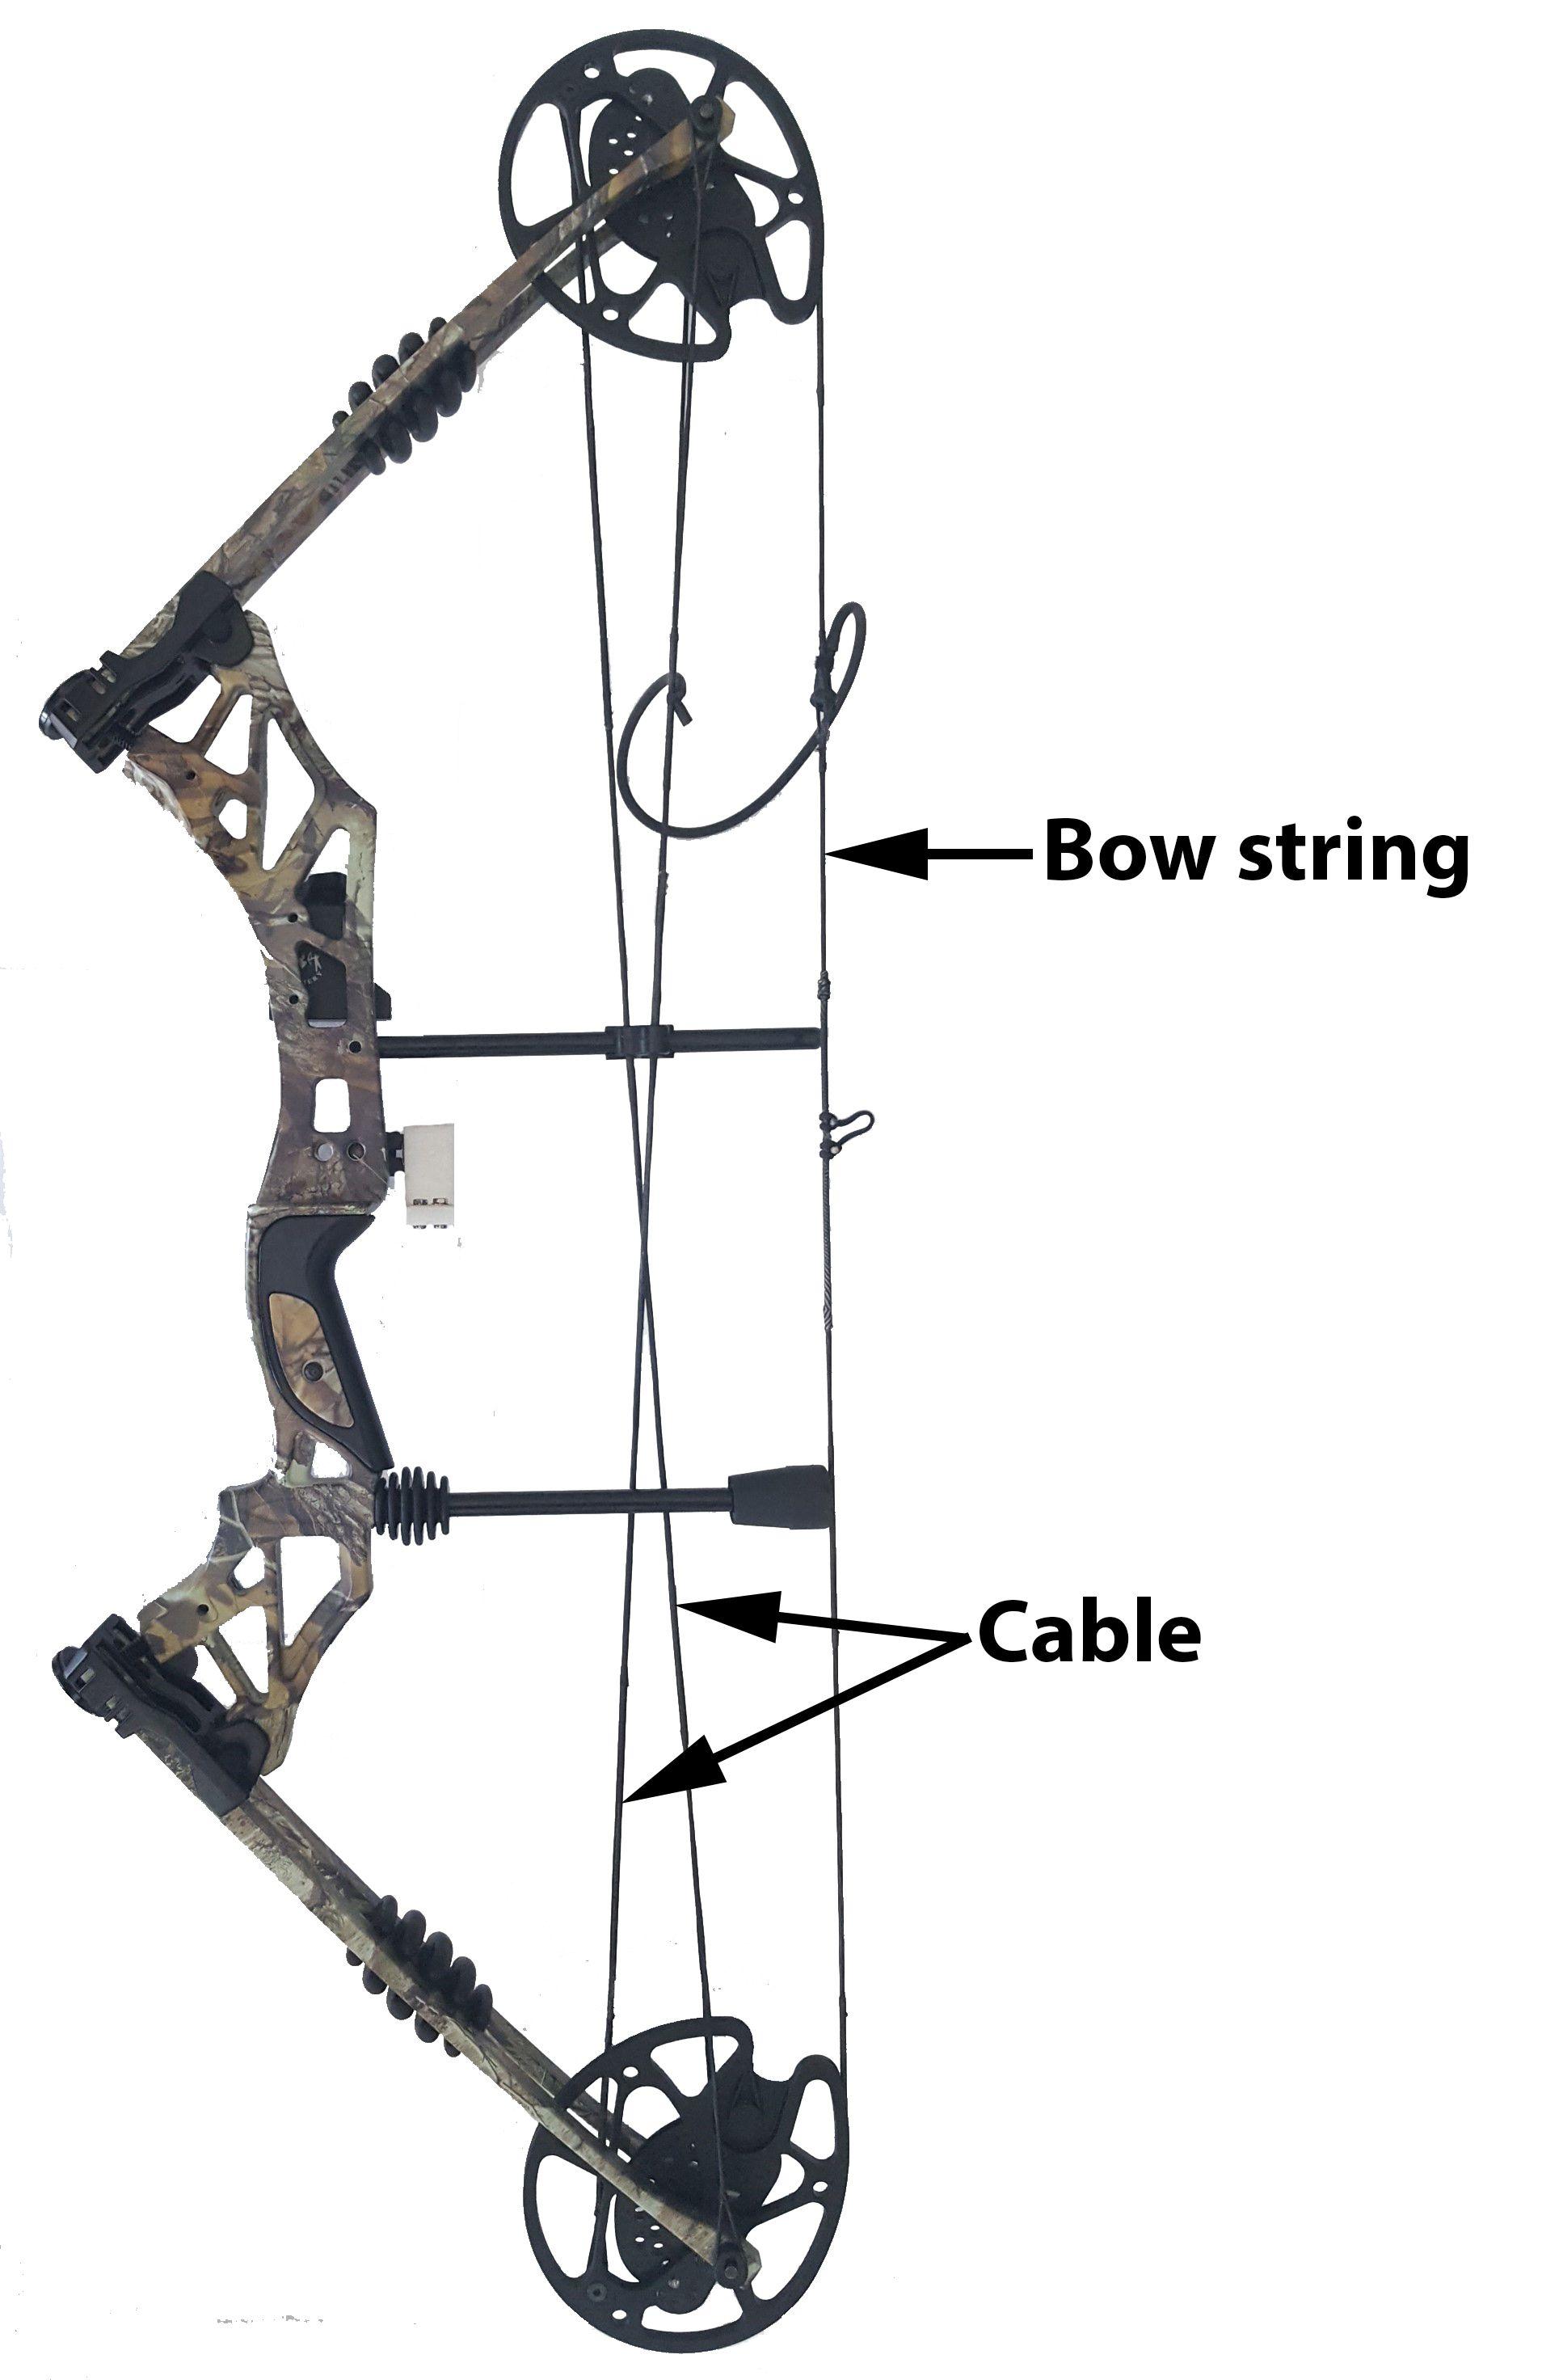 Pin On Compound Archery